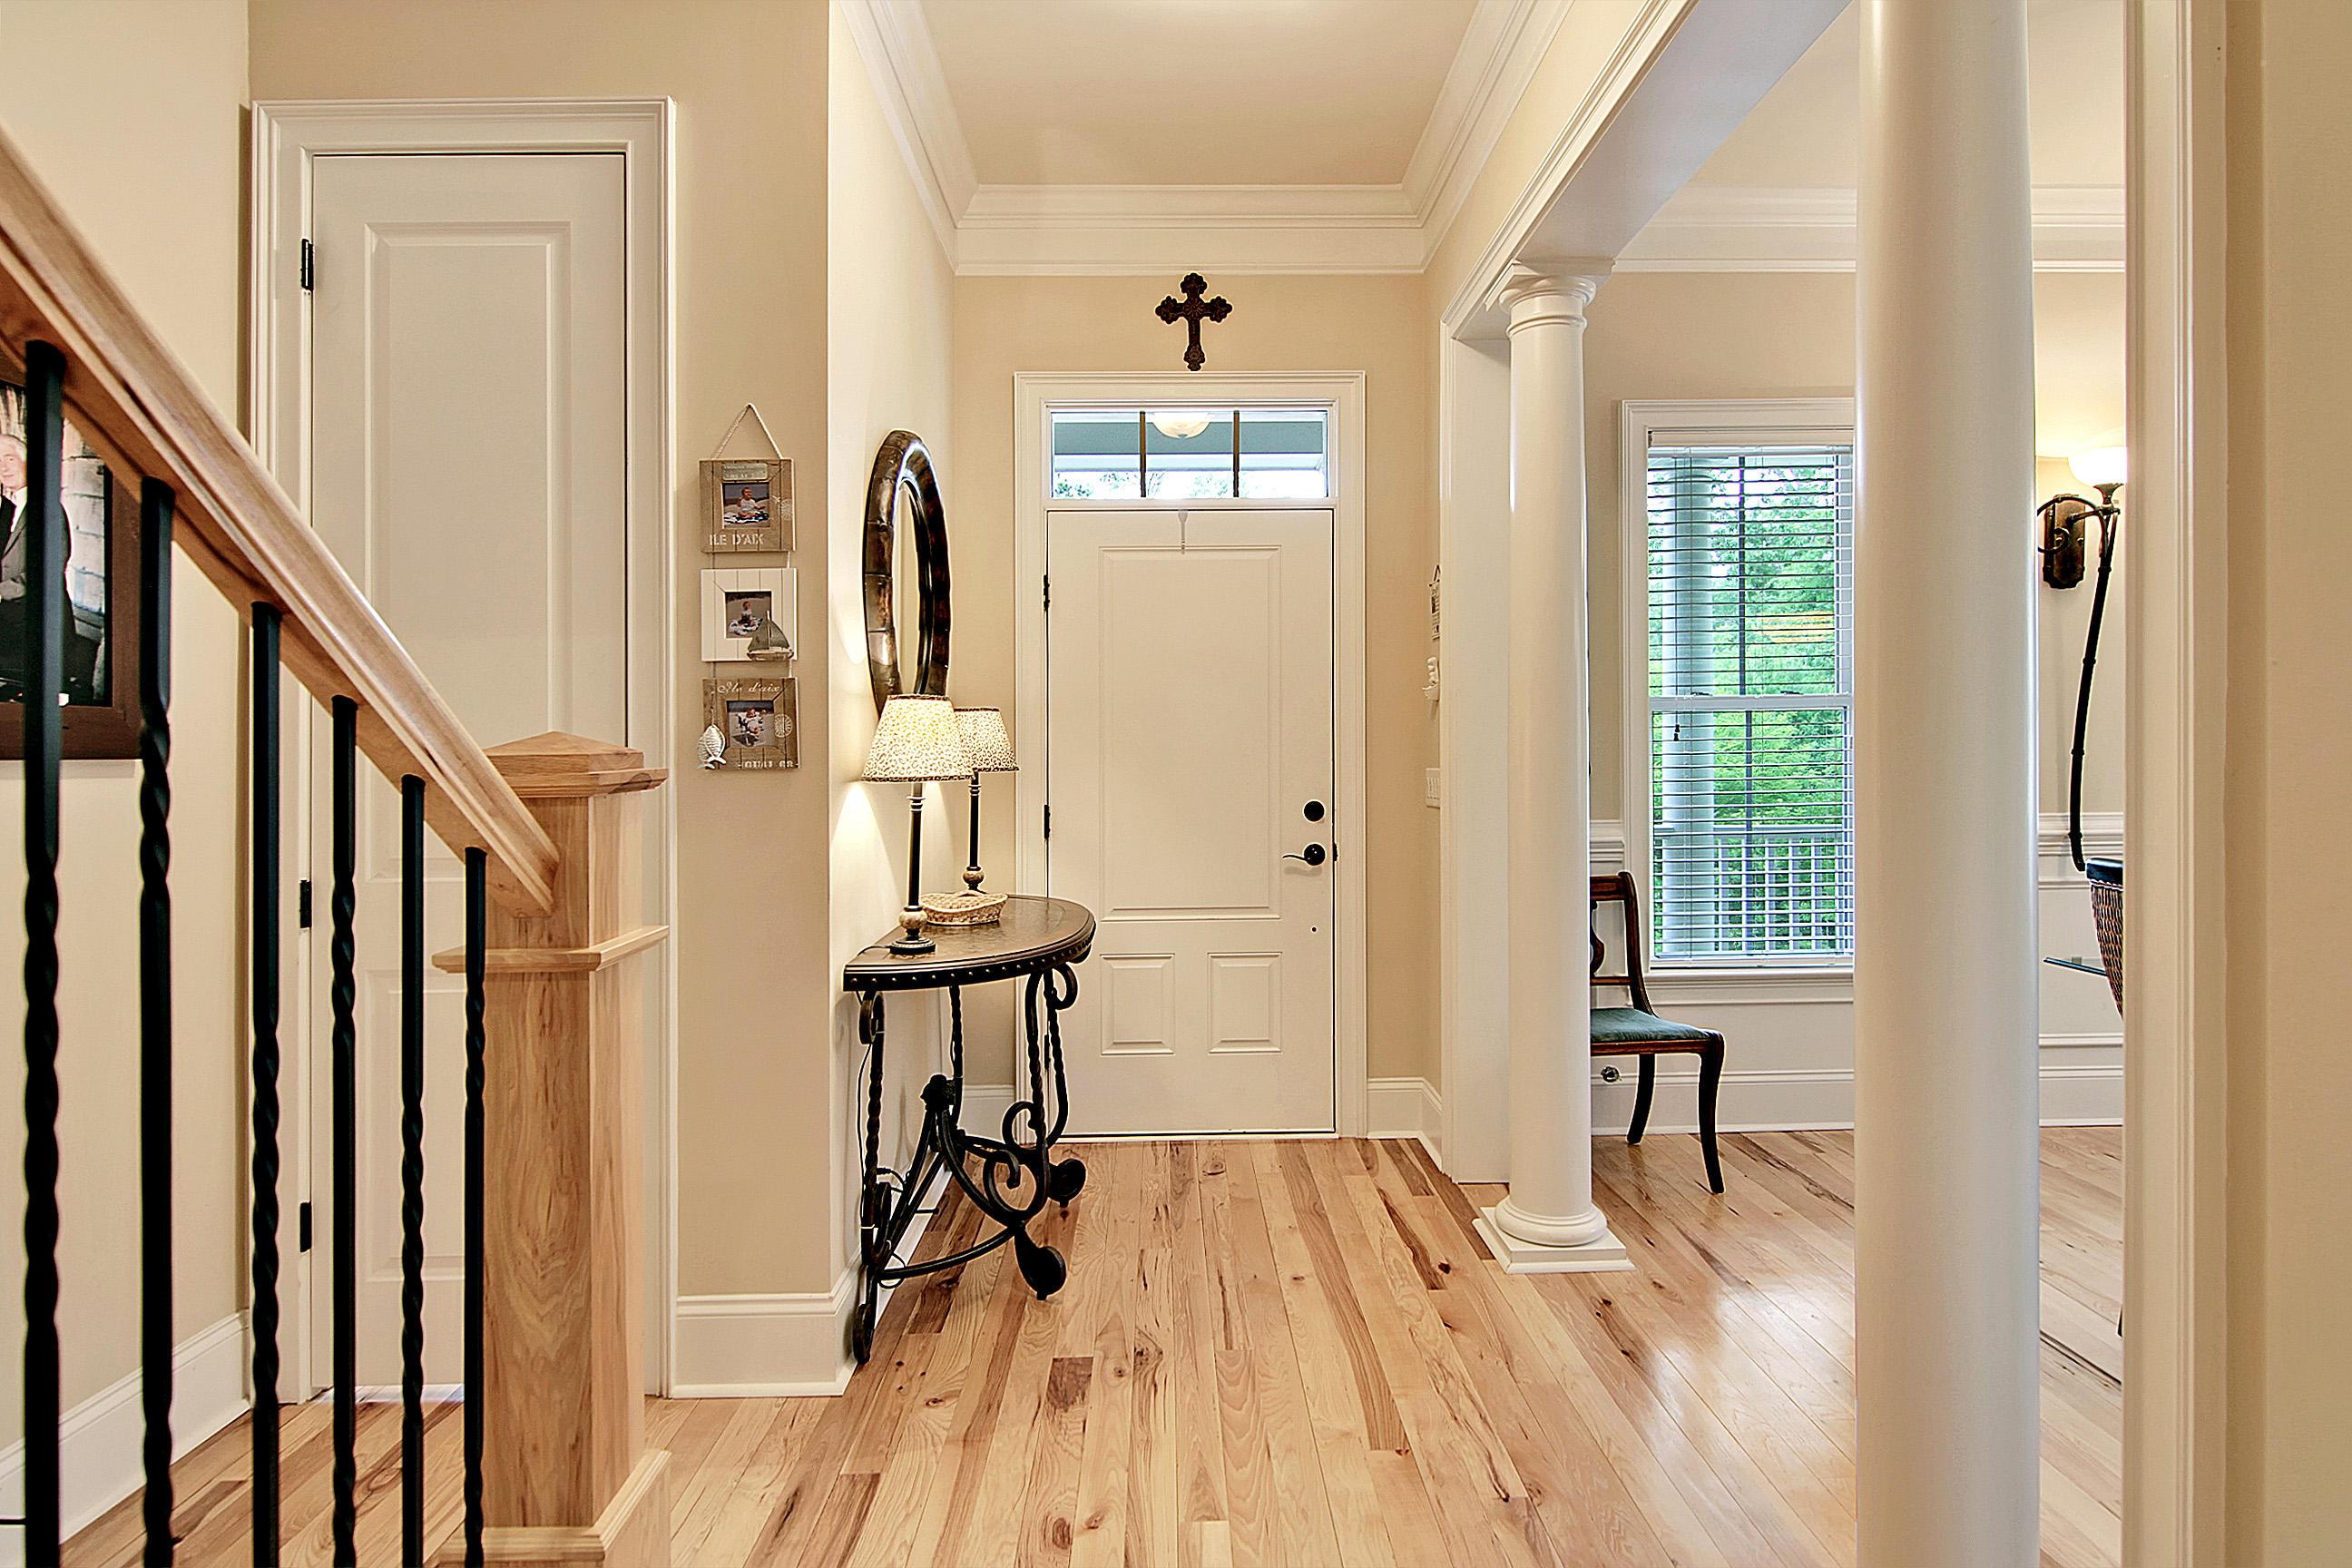 Park West Homes For Sale - 1596 Capel, Mount Pleasant, SC - 9